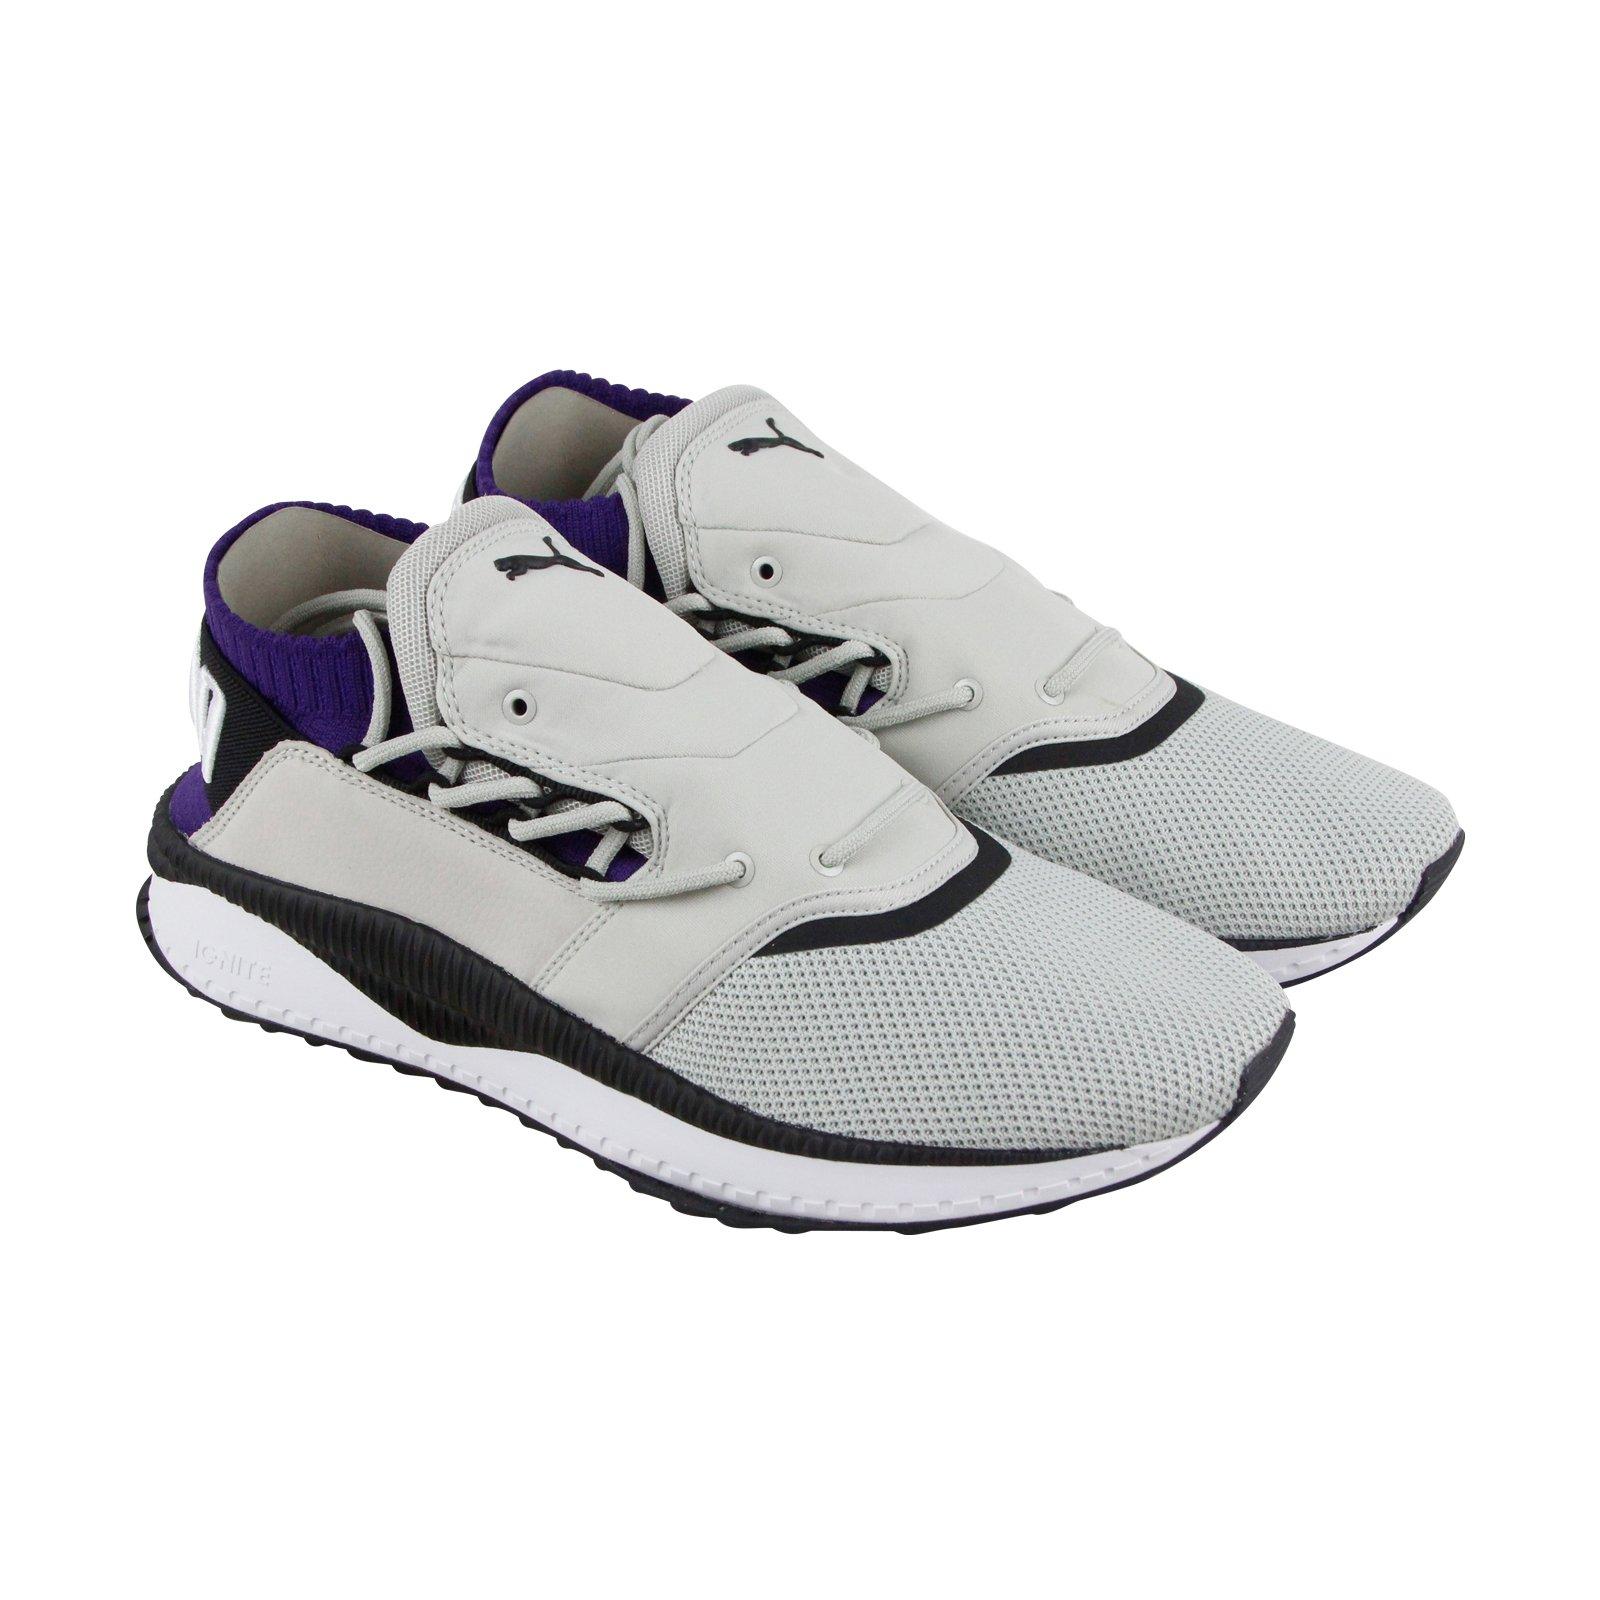 775ff38b8e12 Galleon - PUMA Tsugi Shinsei Fresh Mens Gray Textile Athletic Slip On  Running Shoes 11